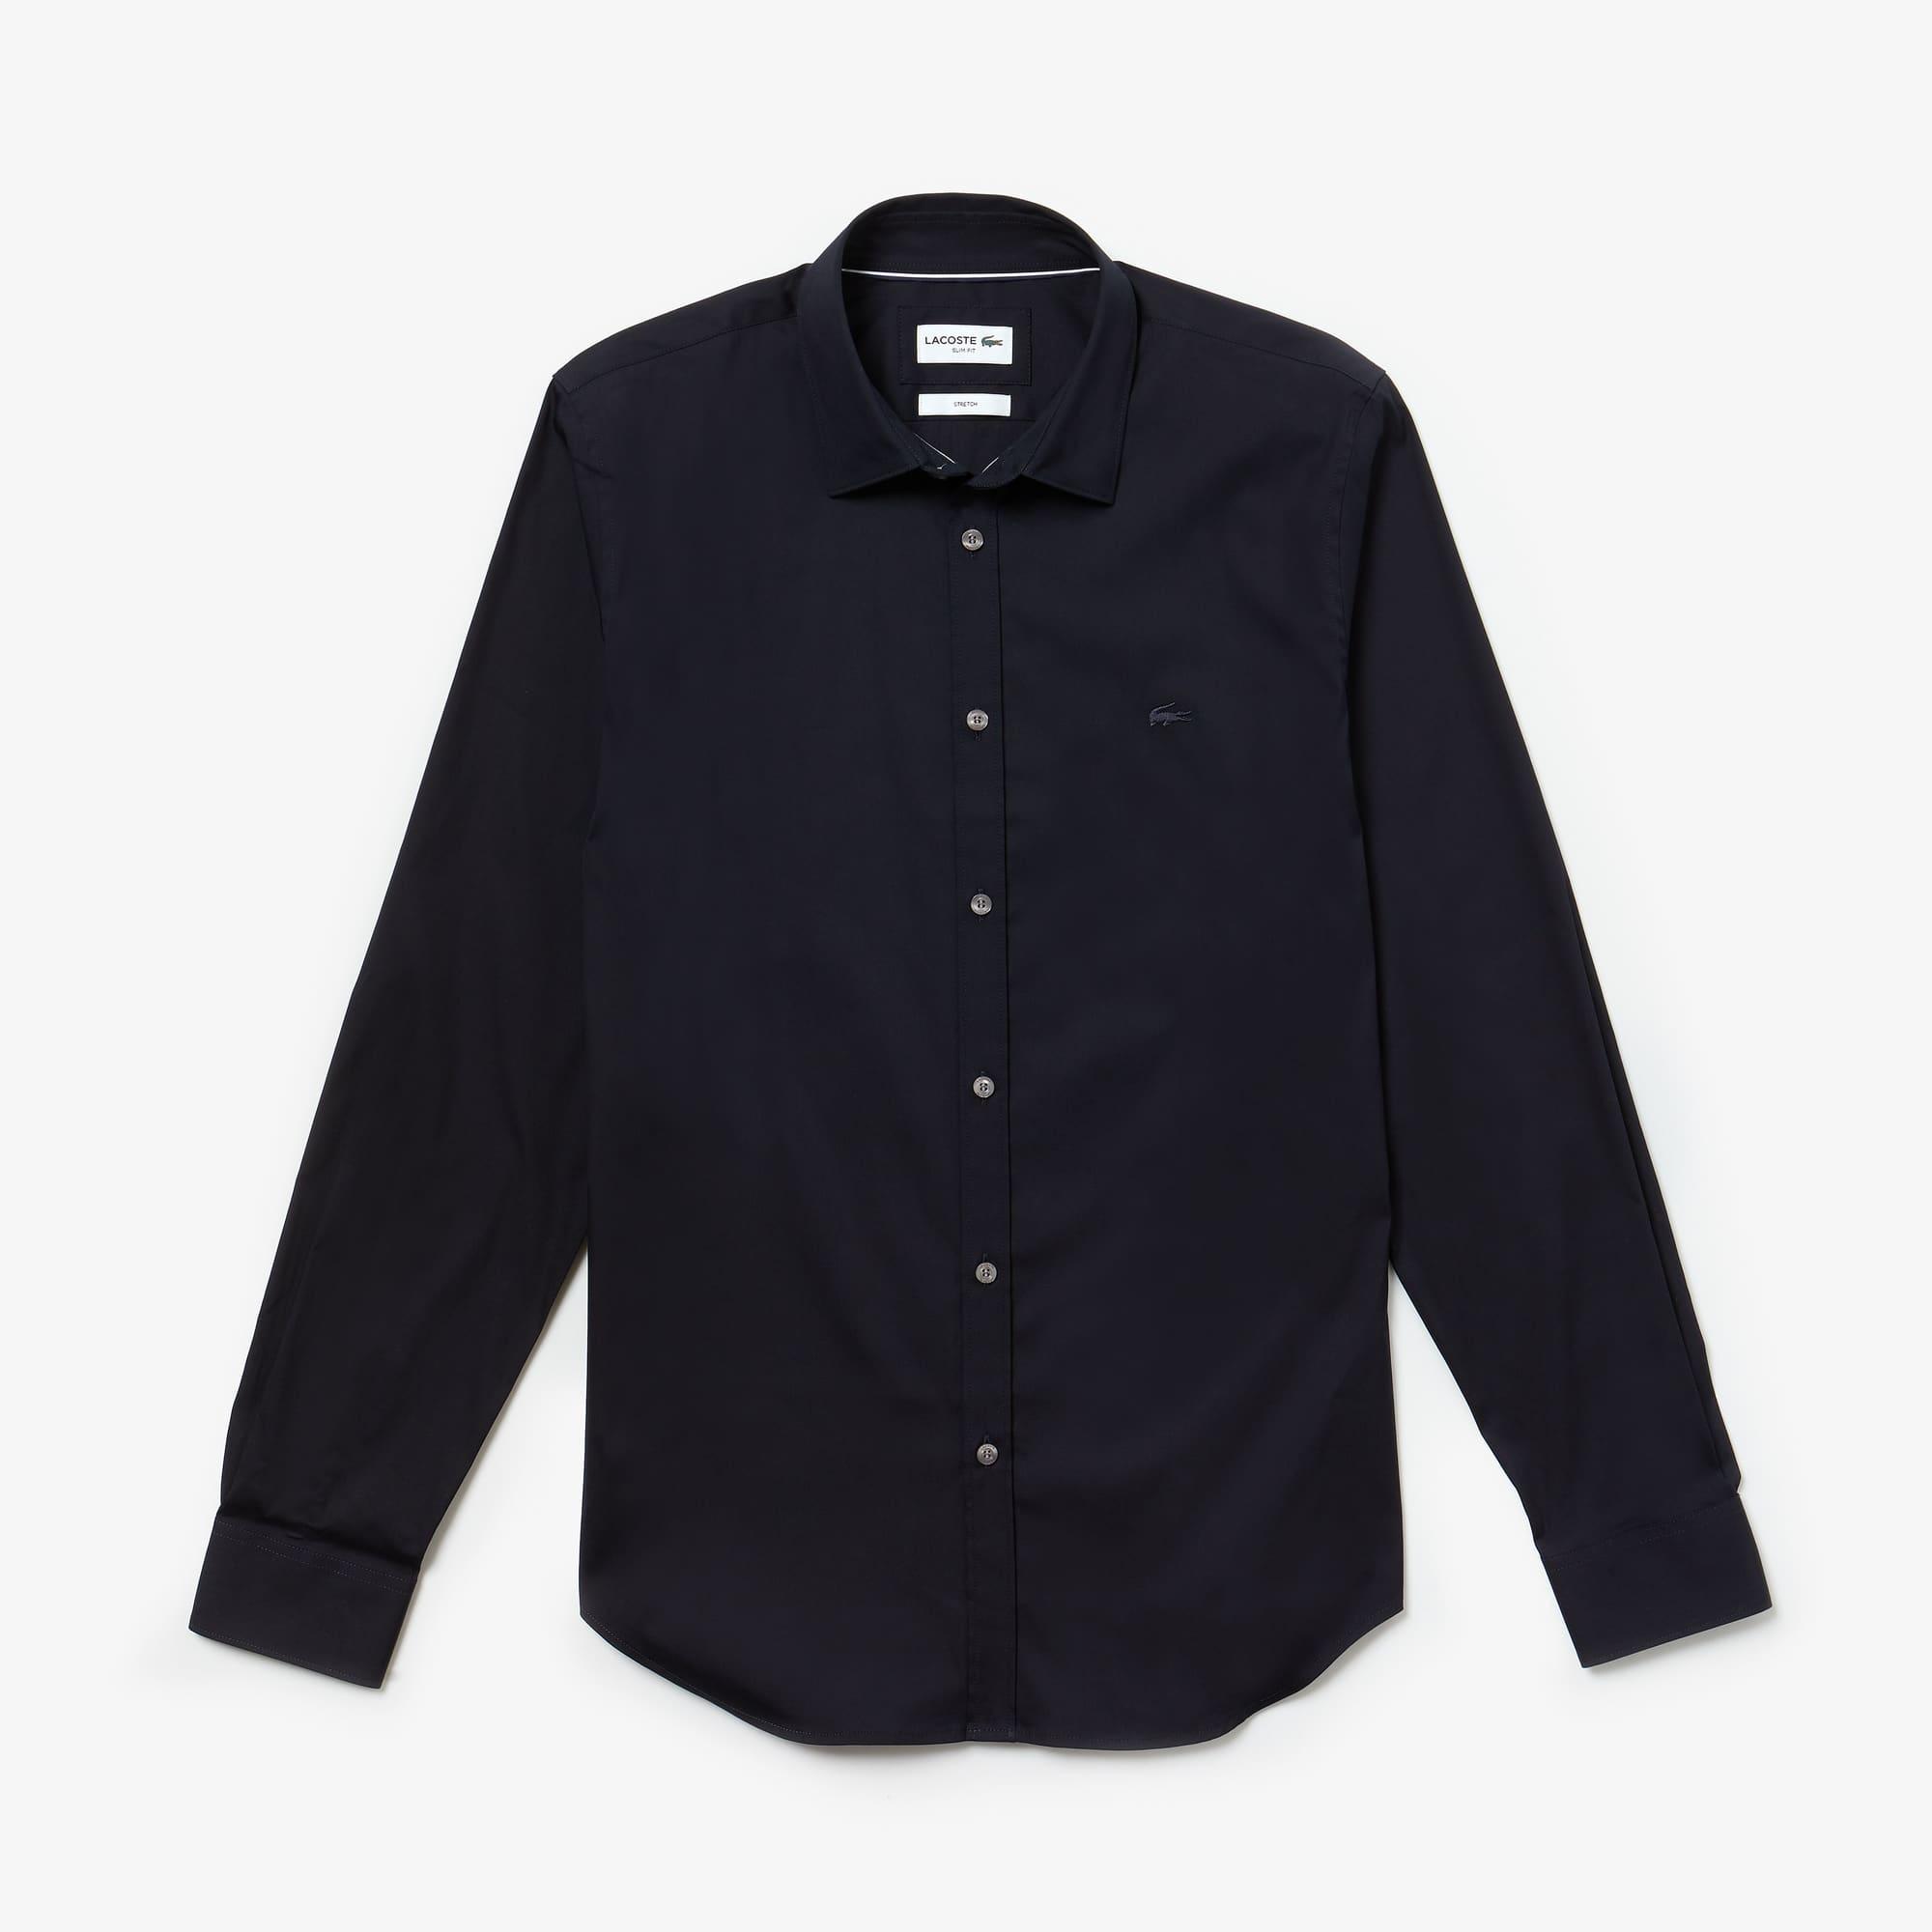 Slim Fit Herren-Hemd aus Baumwoll-Popeline mit Stretch